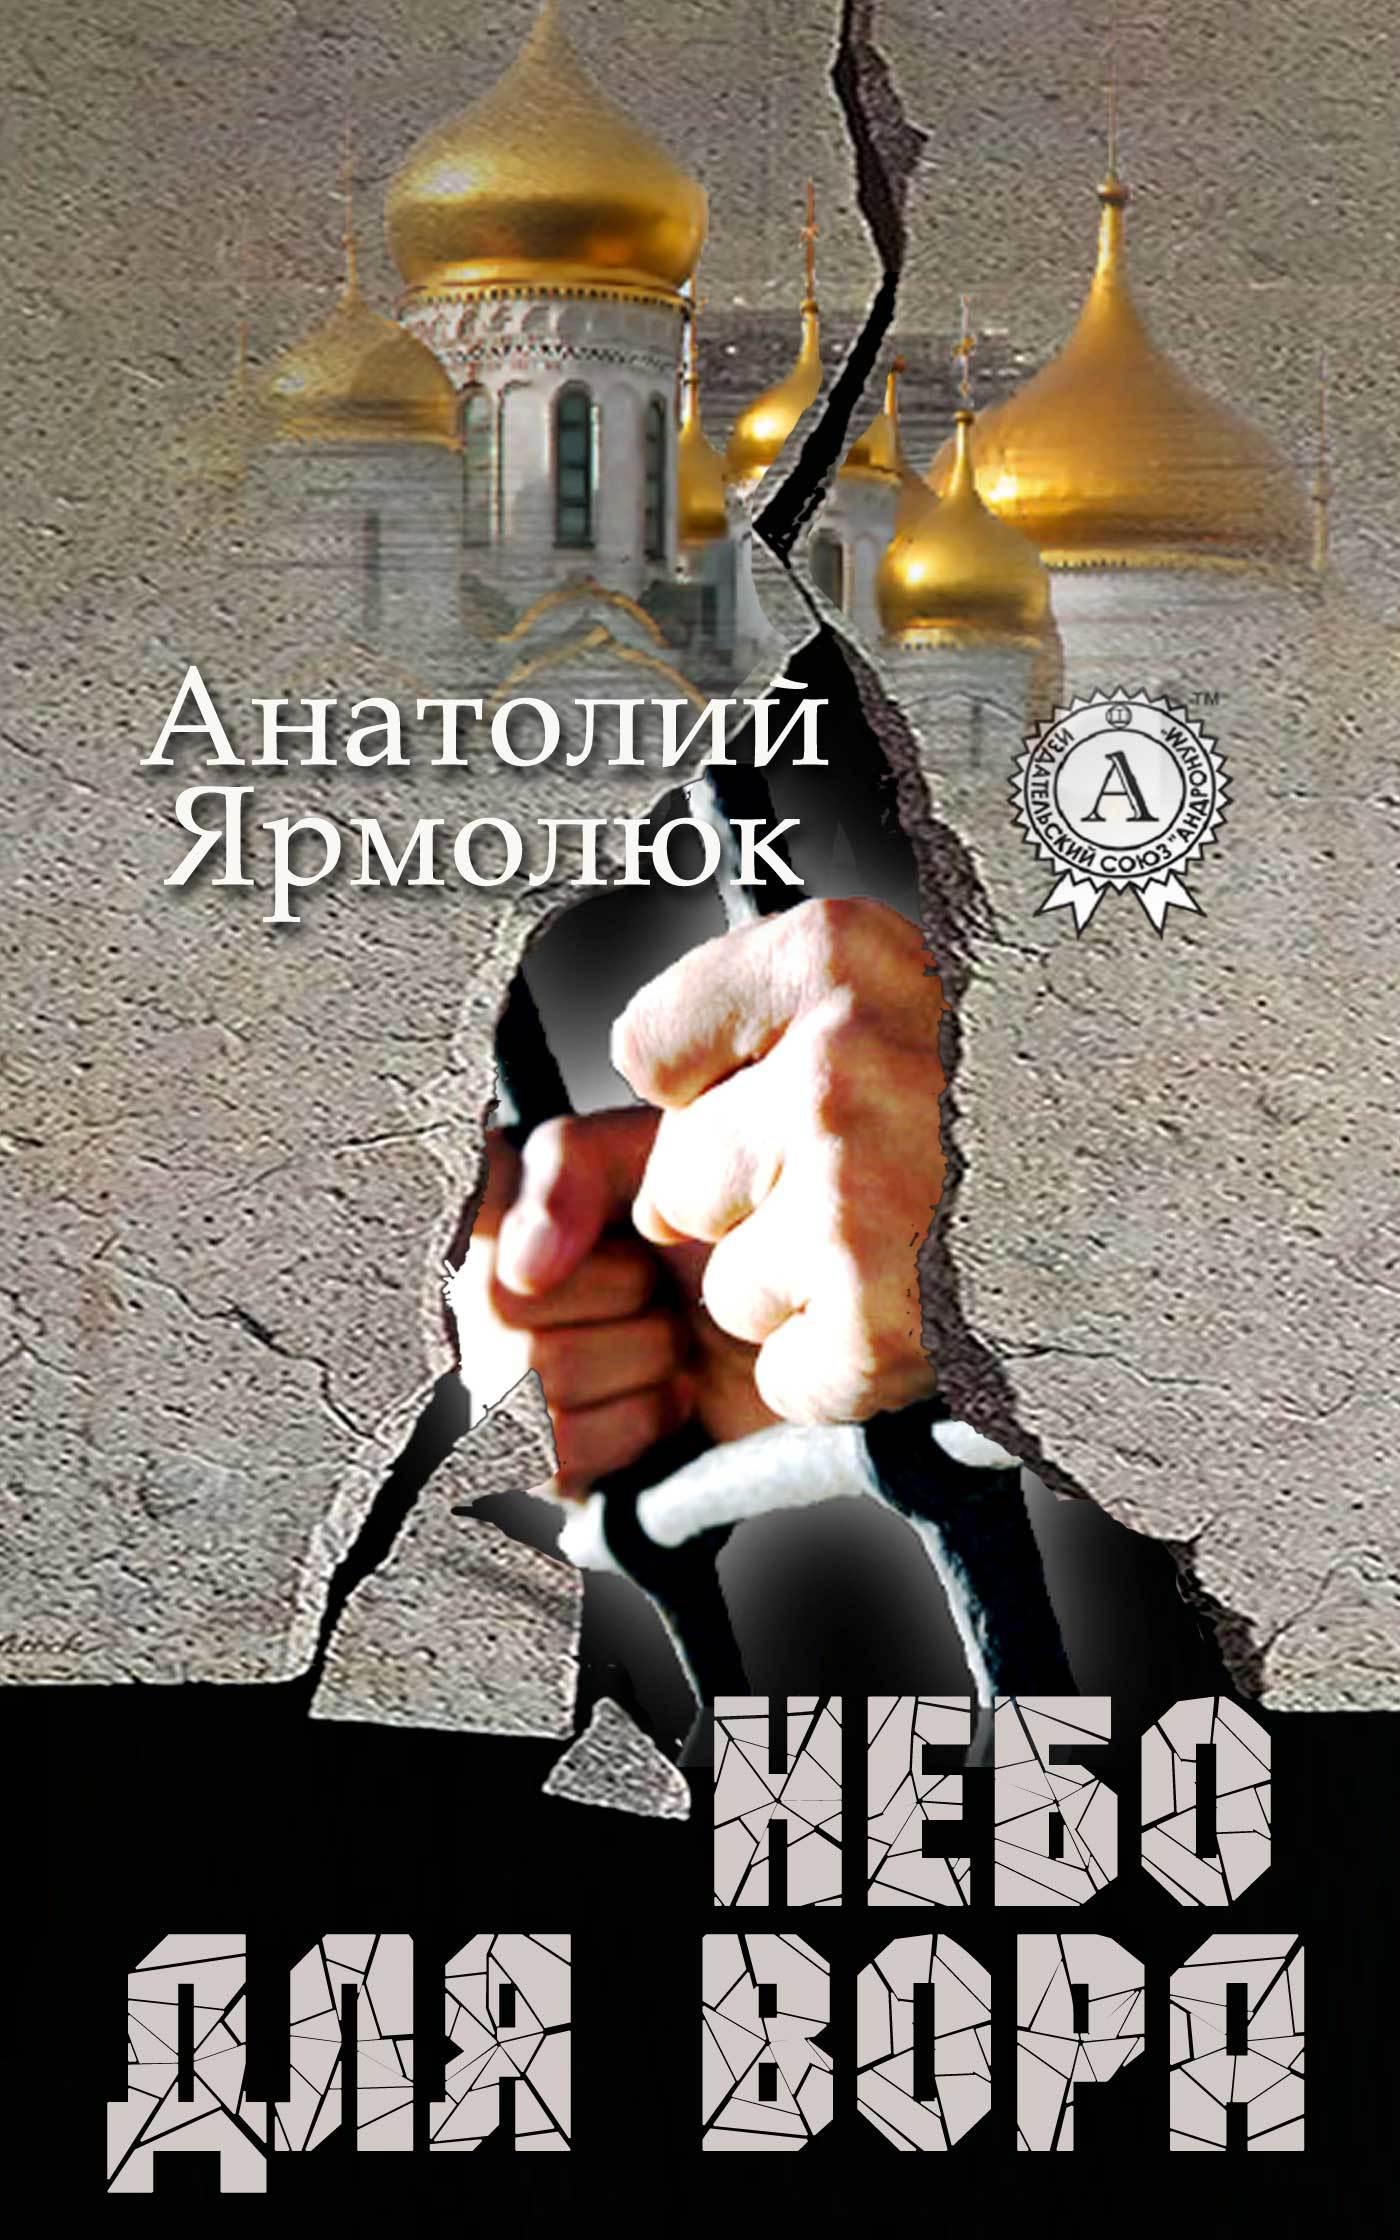 Анатолий Ярмолюк Небо для вора анатолий ярмолюк поспорил ангел с демоном